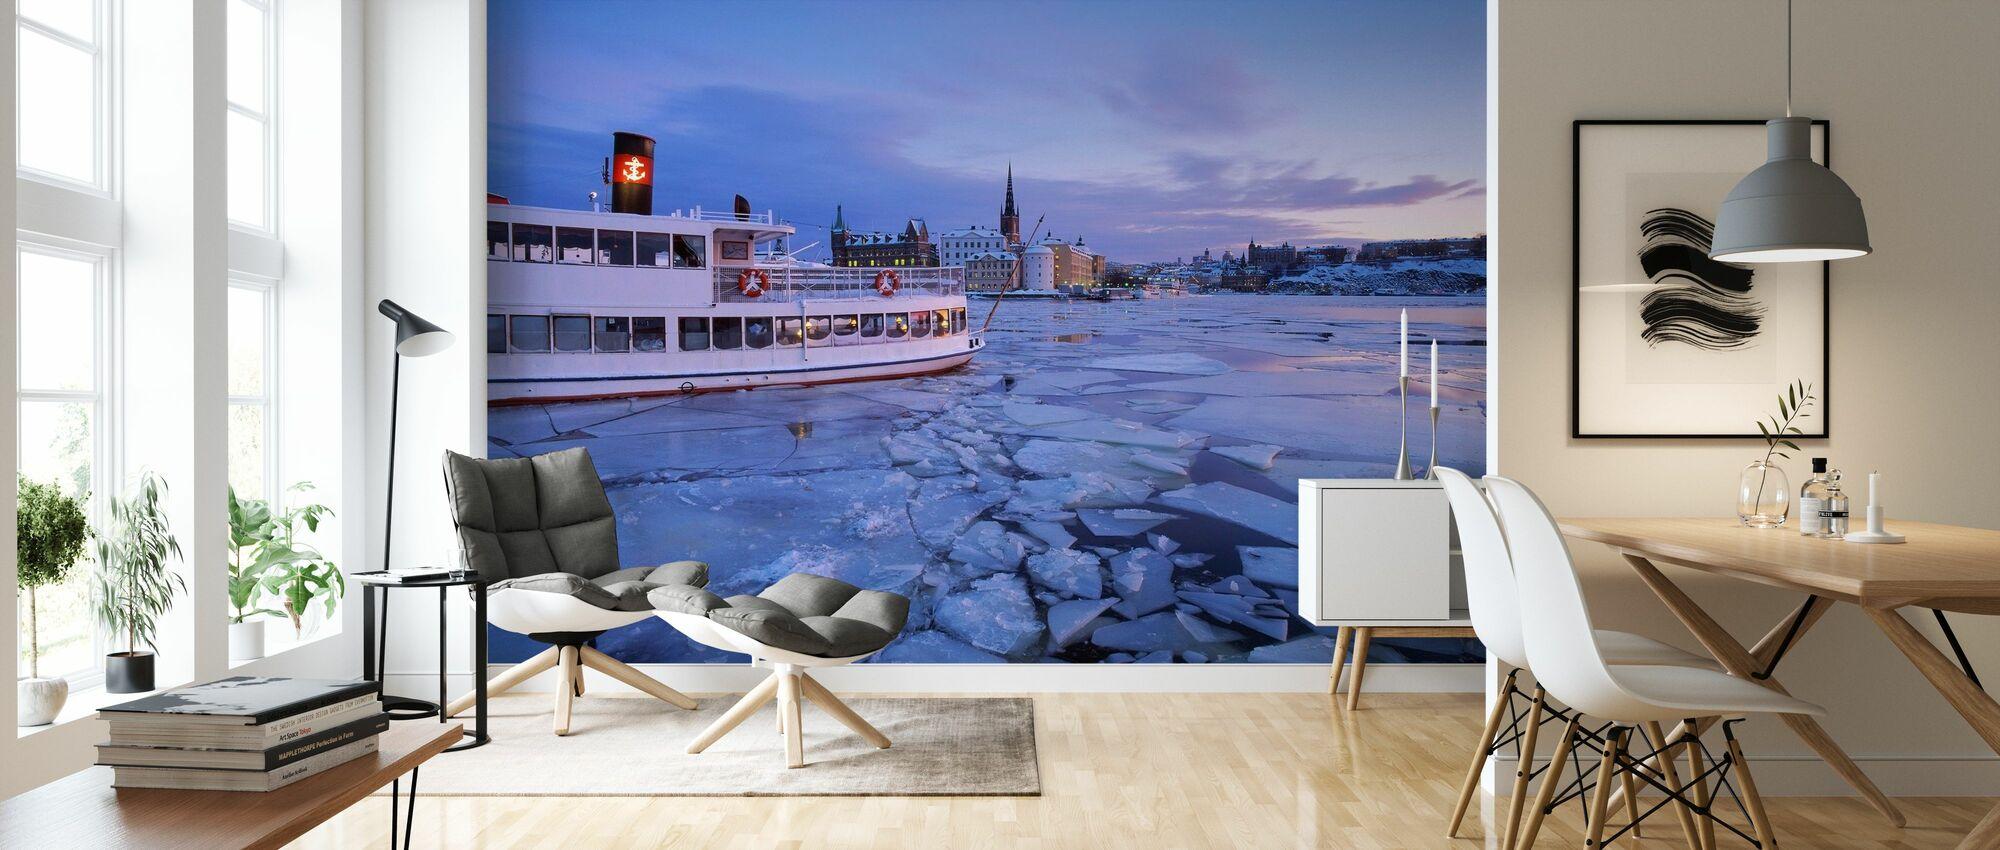 Skärgårdsbåt i is täckt Riddarholmen - Tapet - Vardagsrum